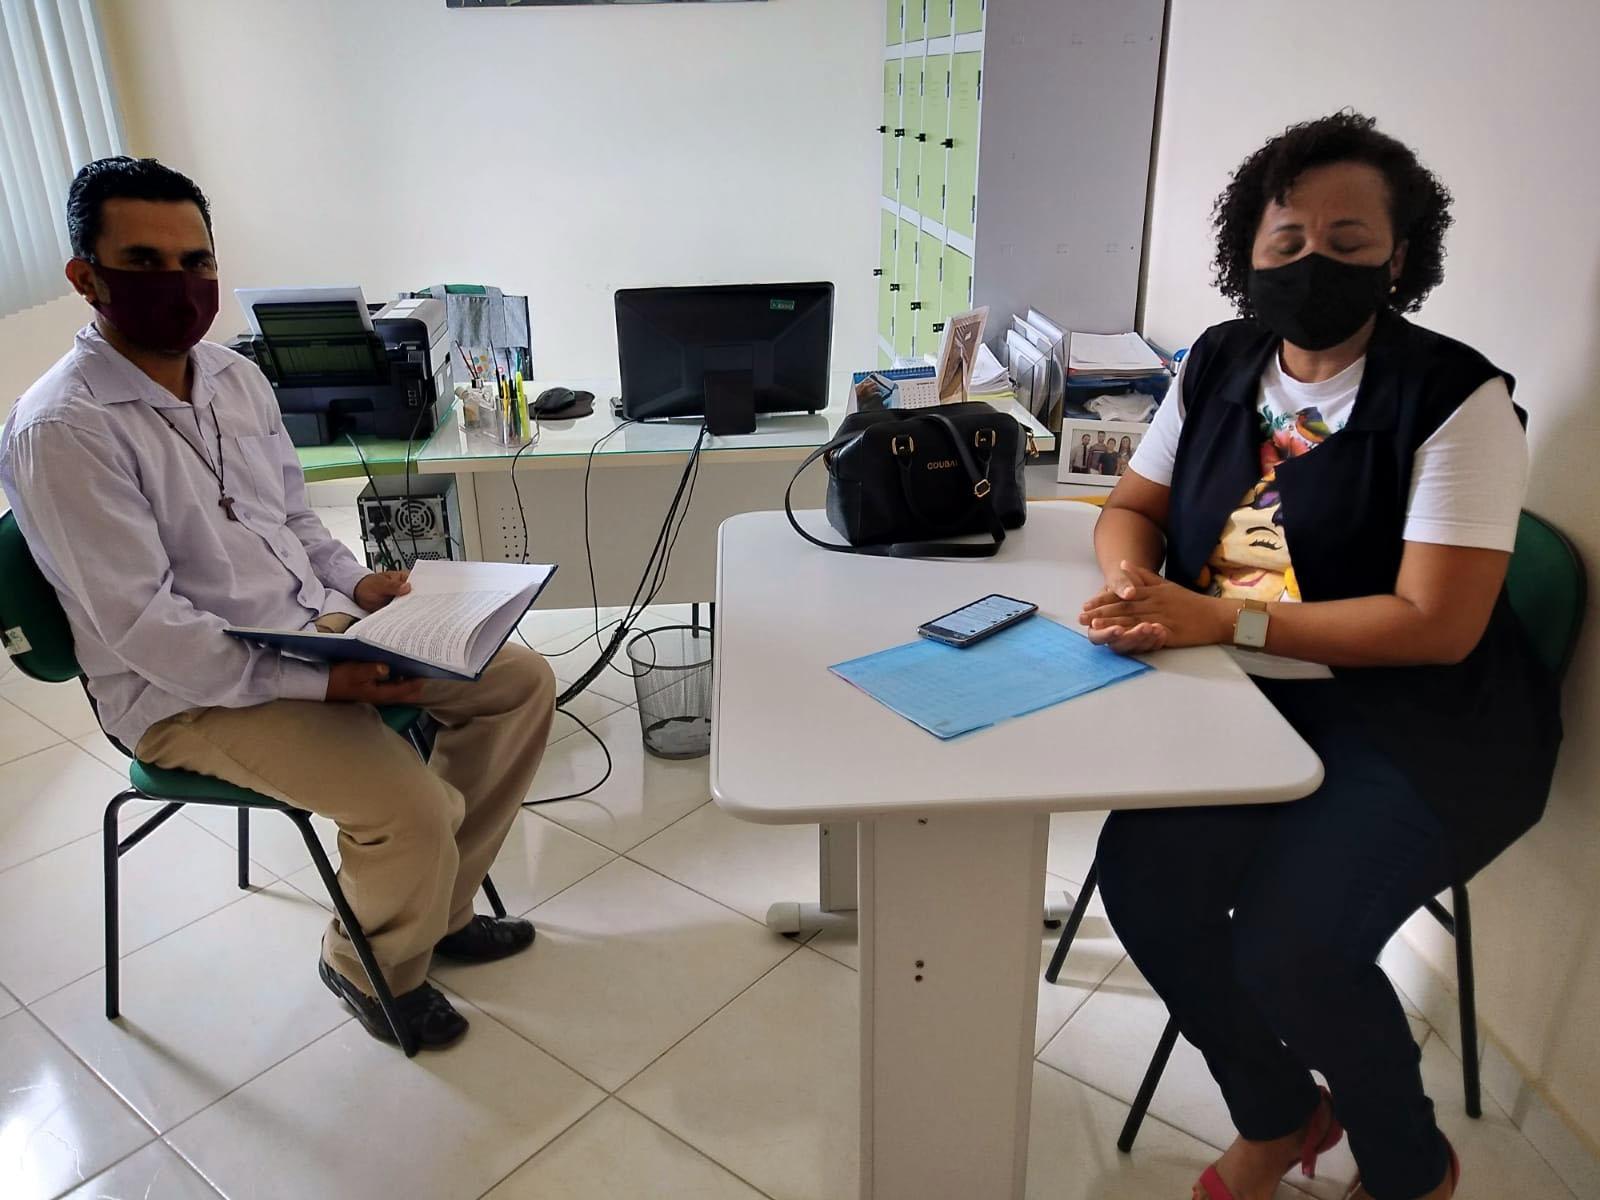 Vereador Beto visita a Secretaria de Educação do Município de Capela do Alto Alegre